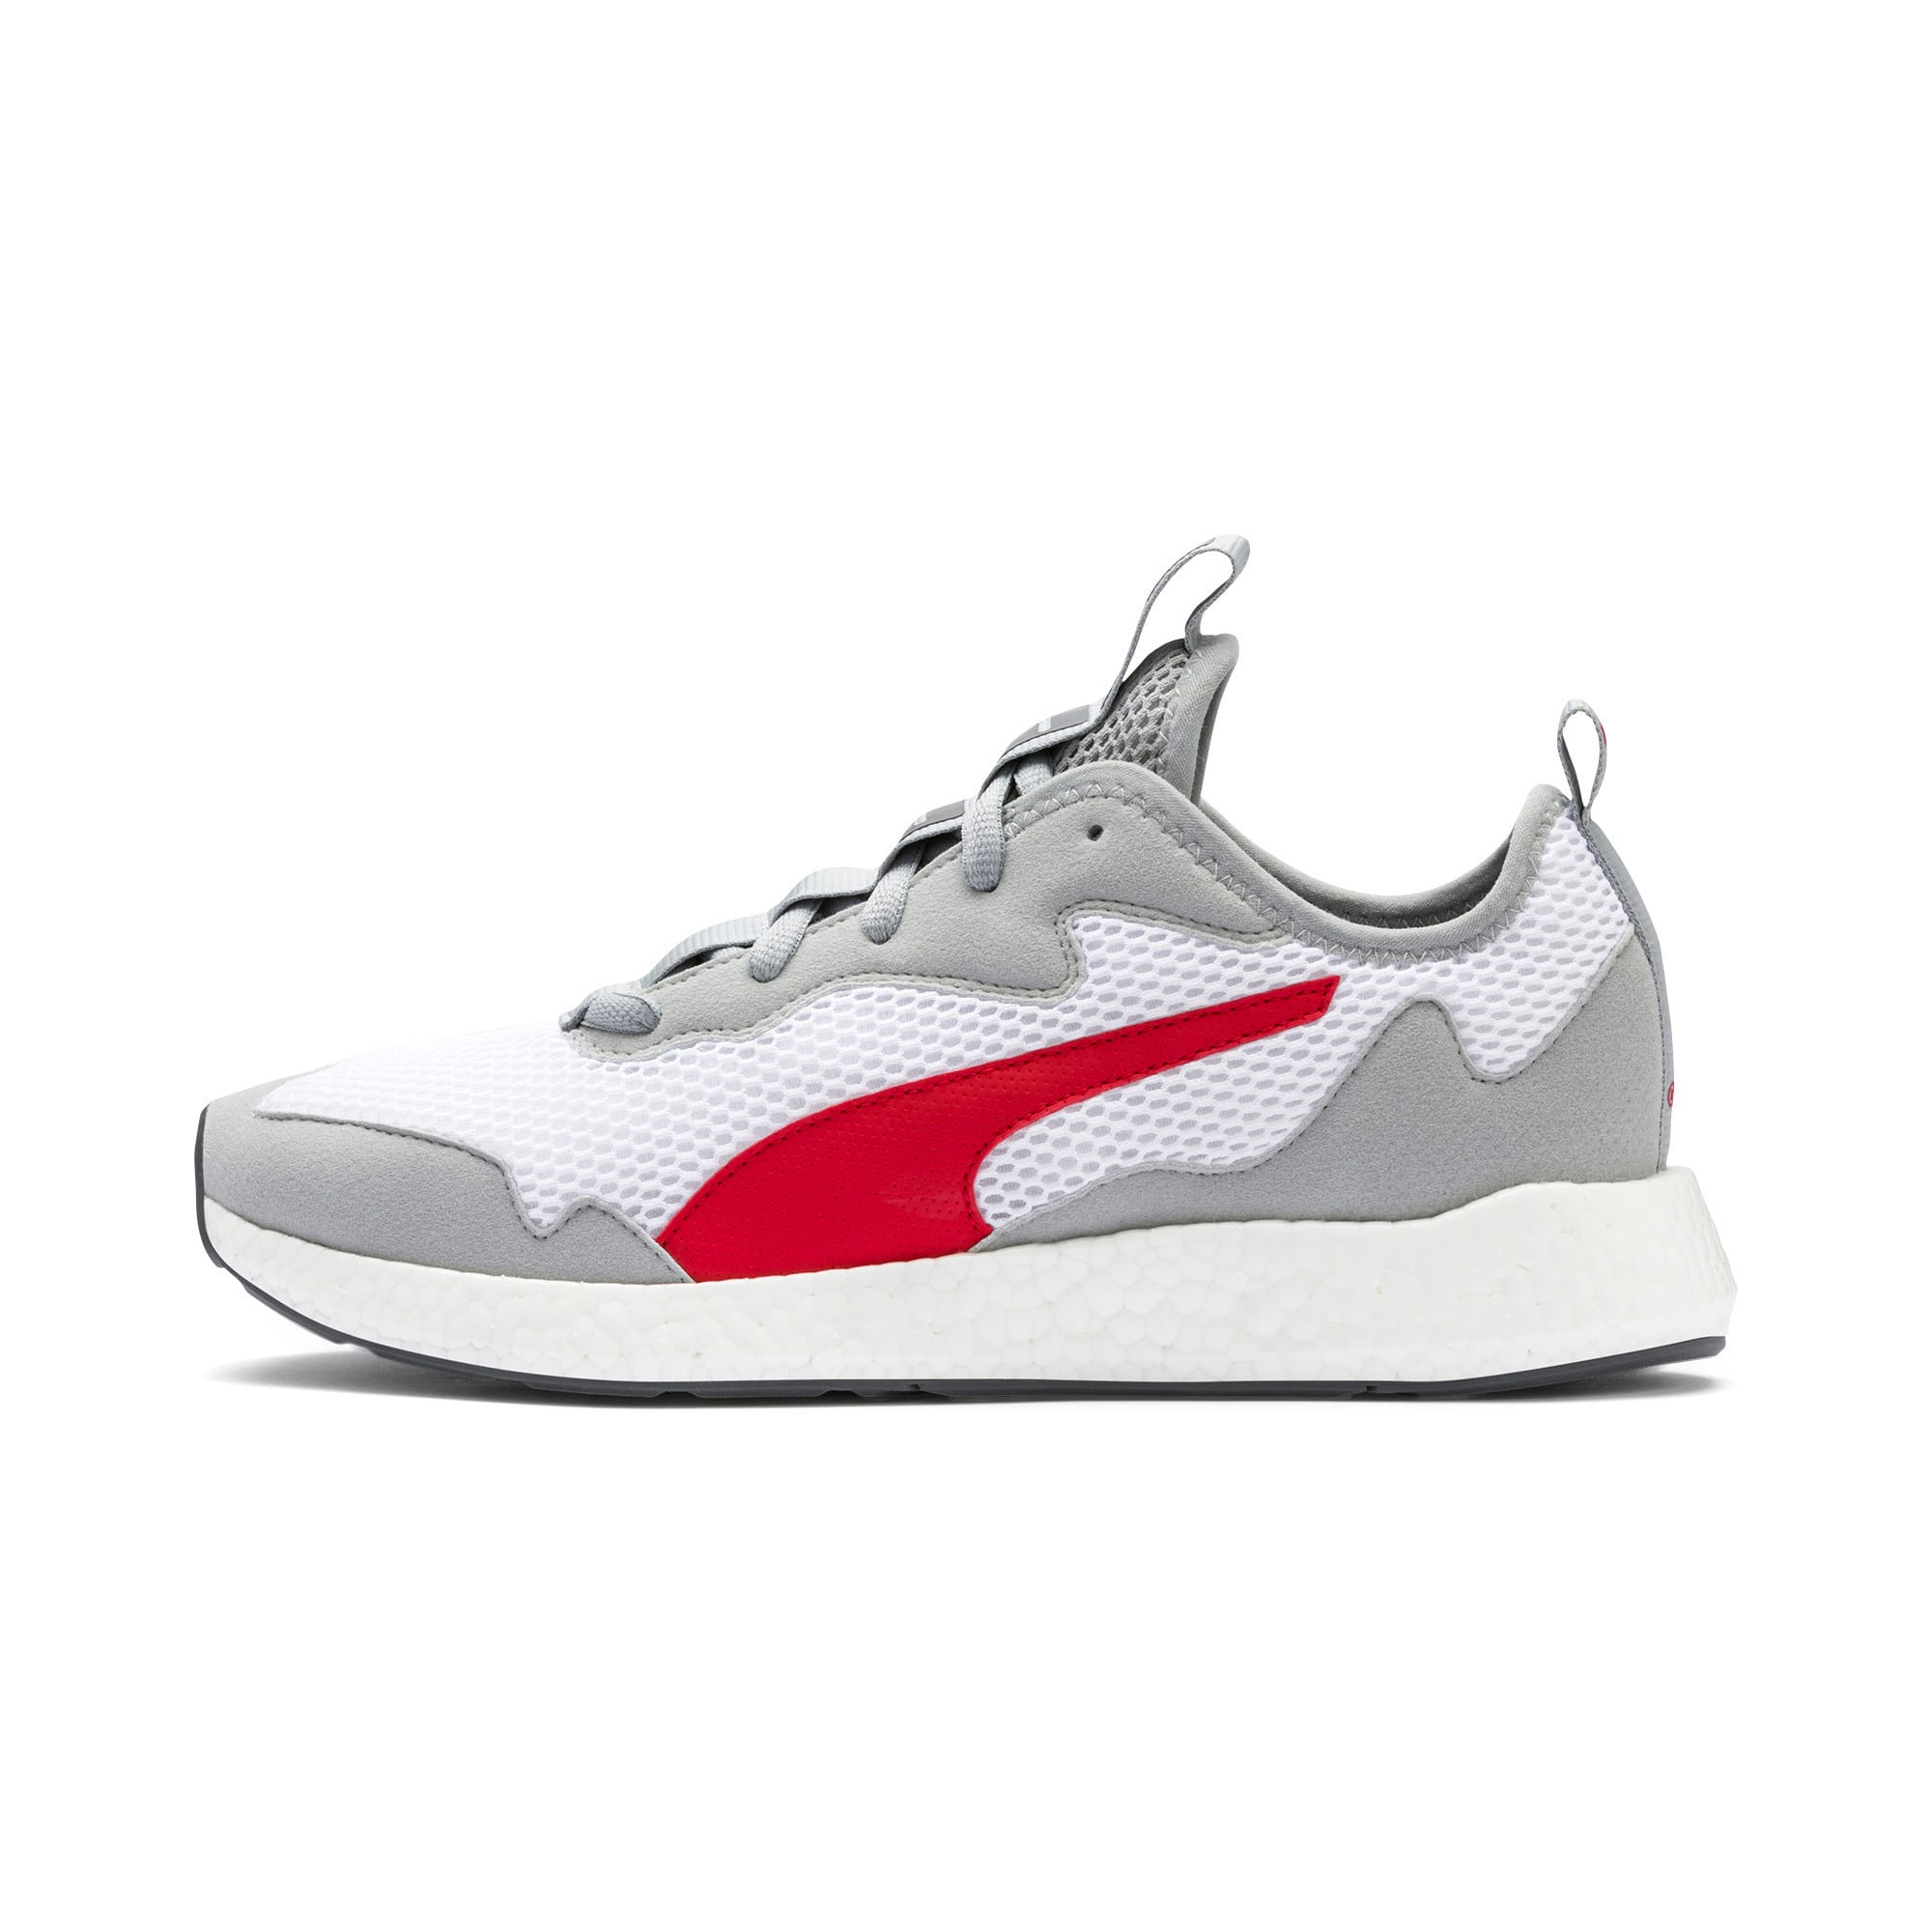 Thumbnail 1 of NRGY Neko Skim Men's Running Shoes, High Rise-High Risk Red, medium